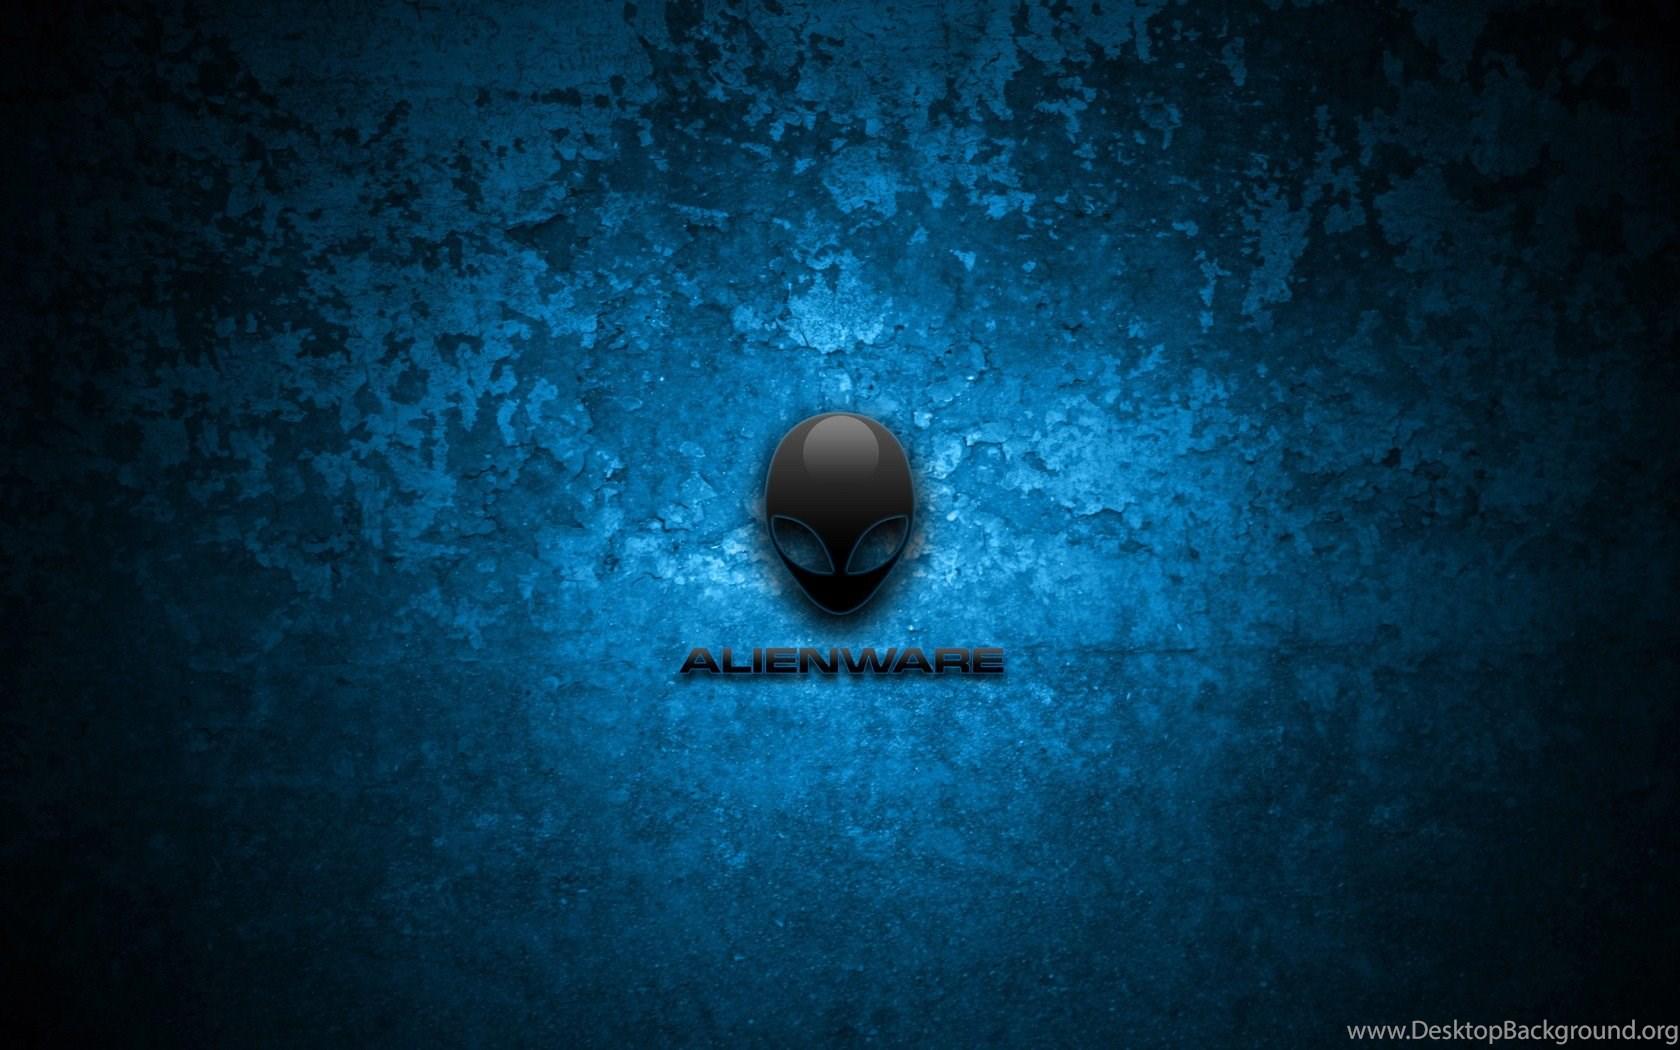 110 alienware hd wallpapers desktop background